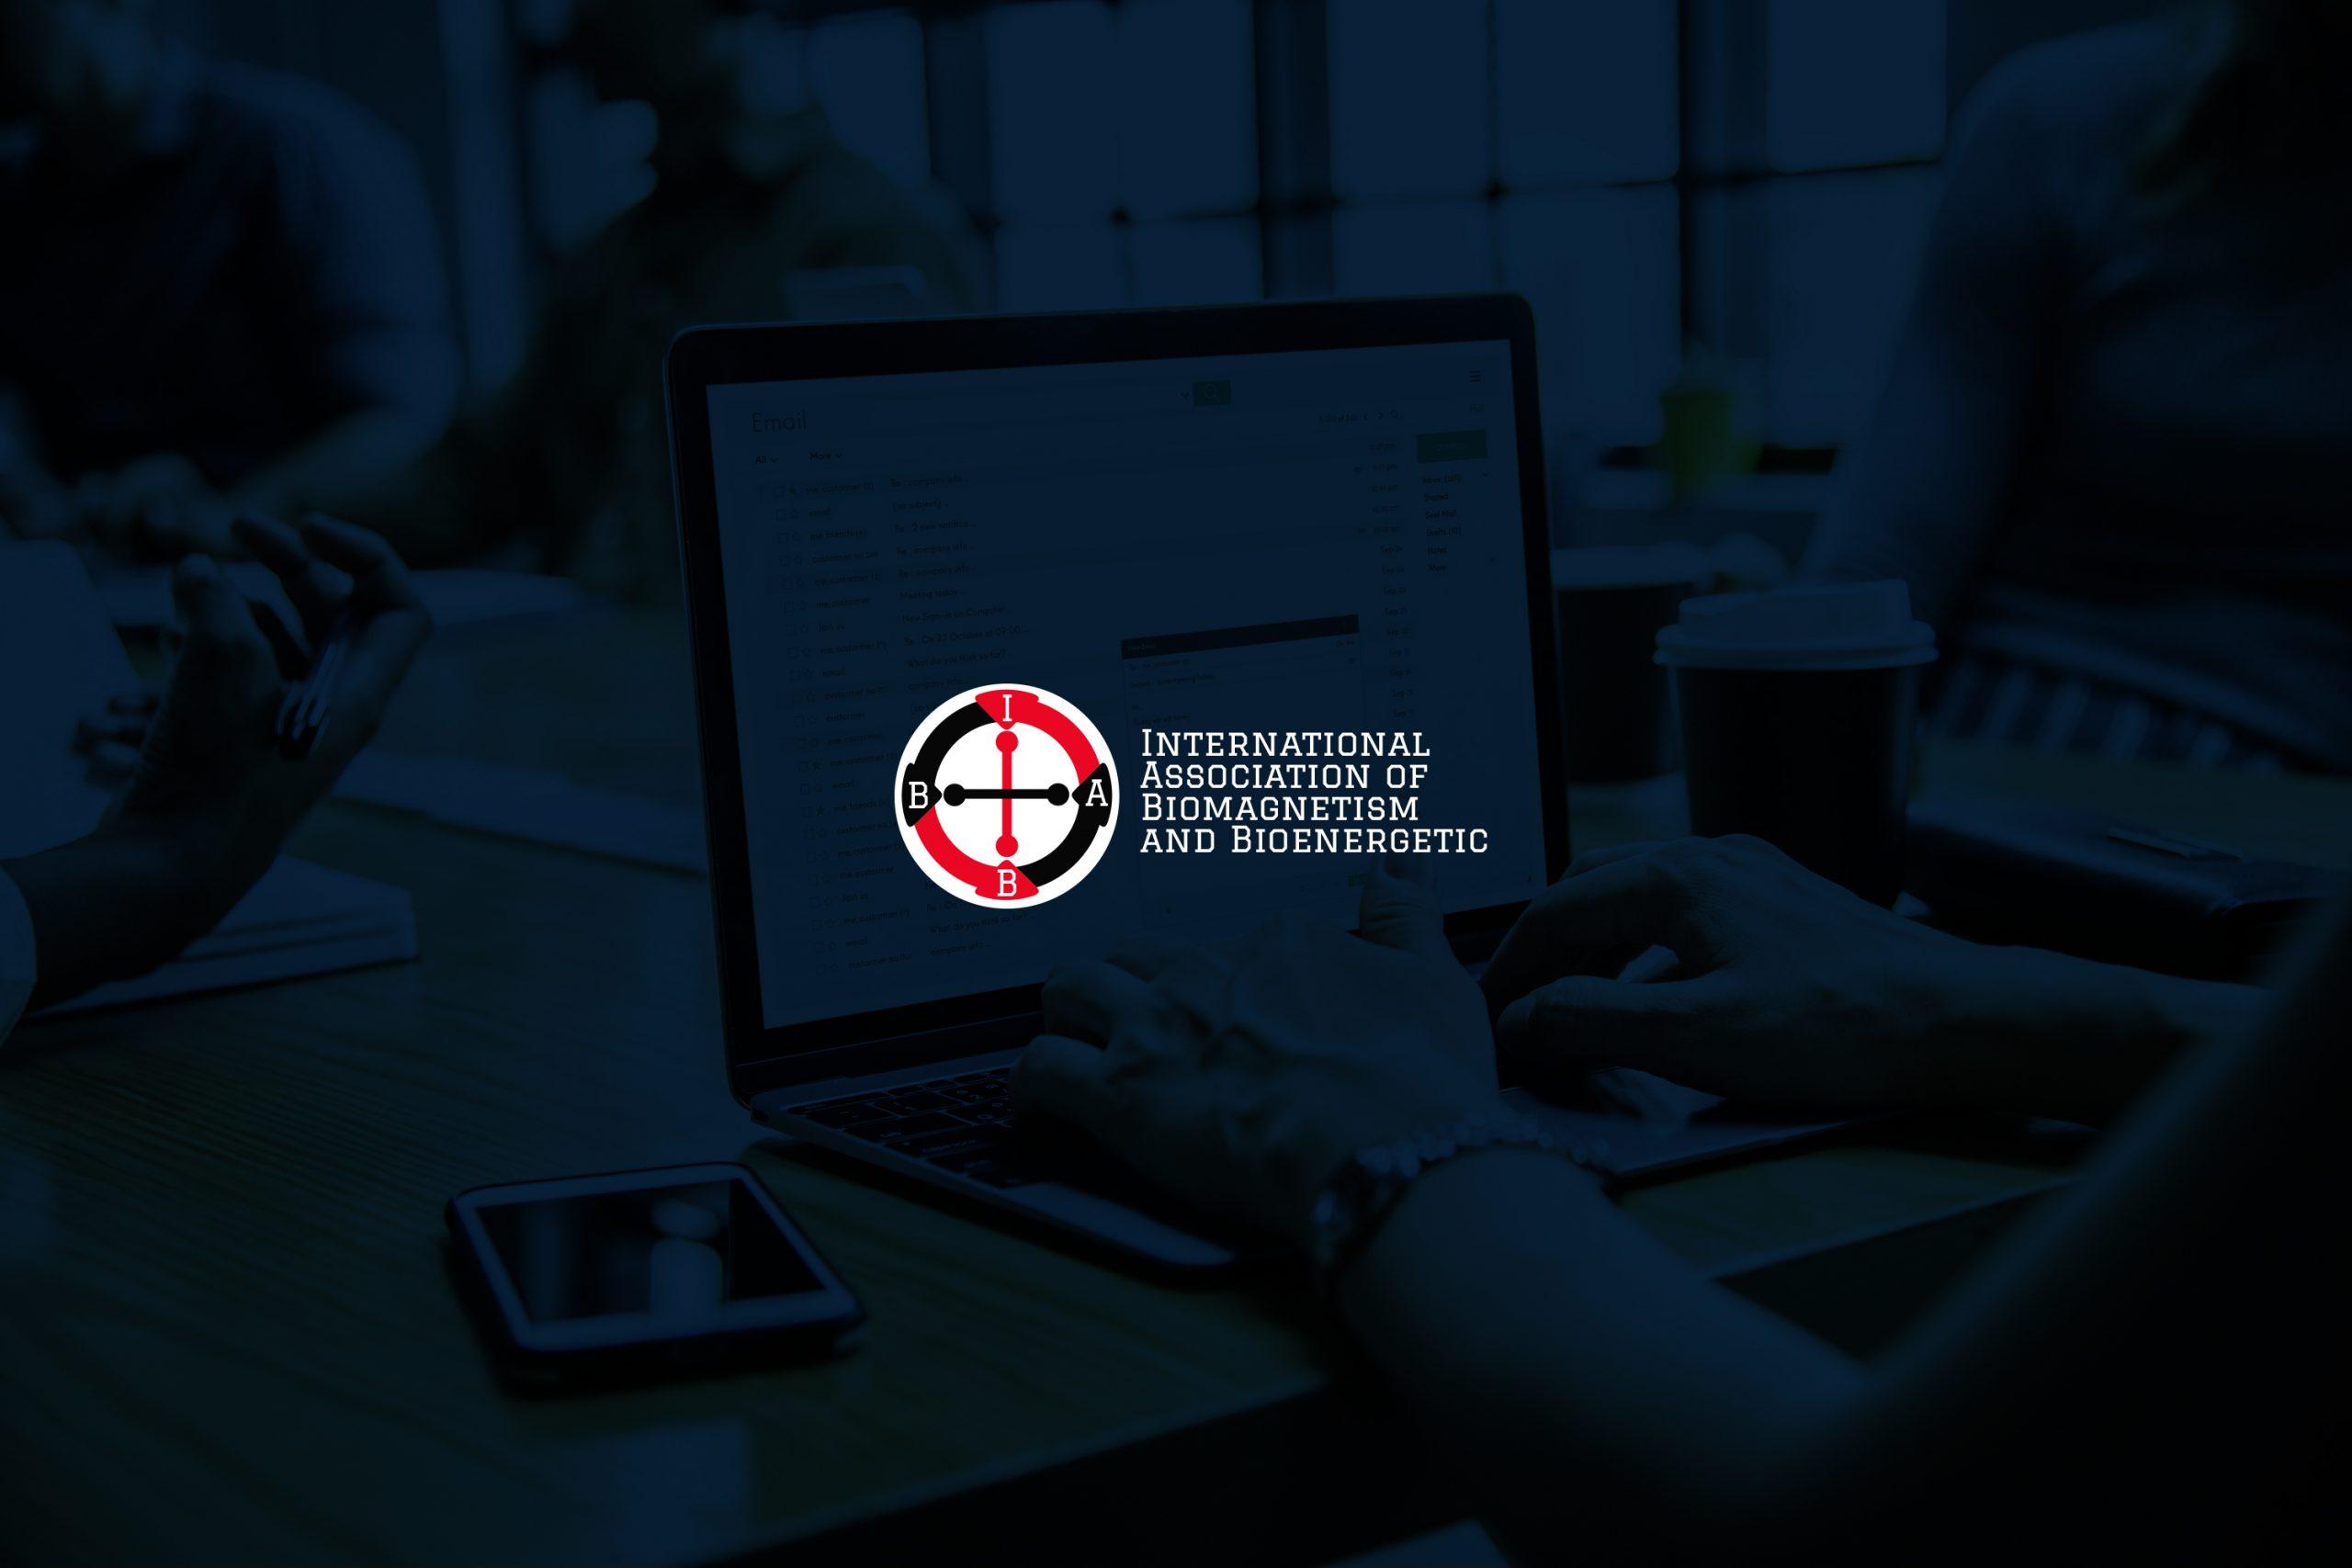 logo_iabb_banner